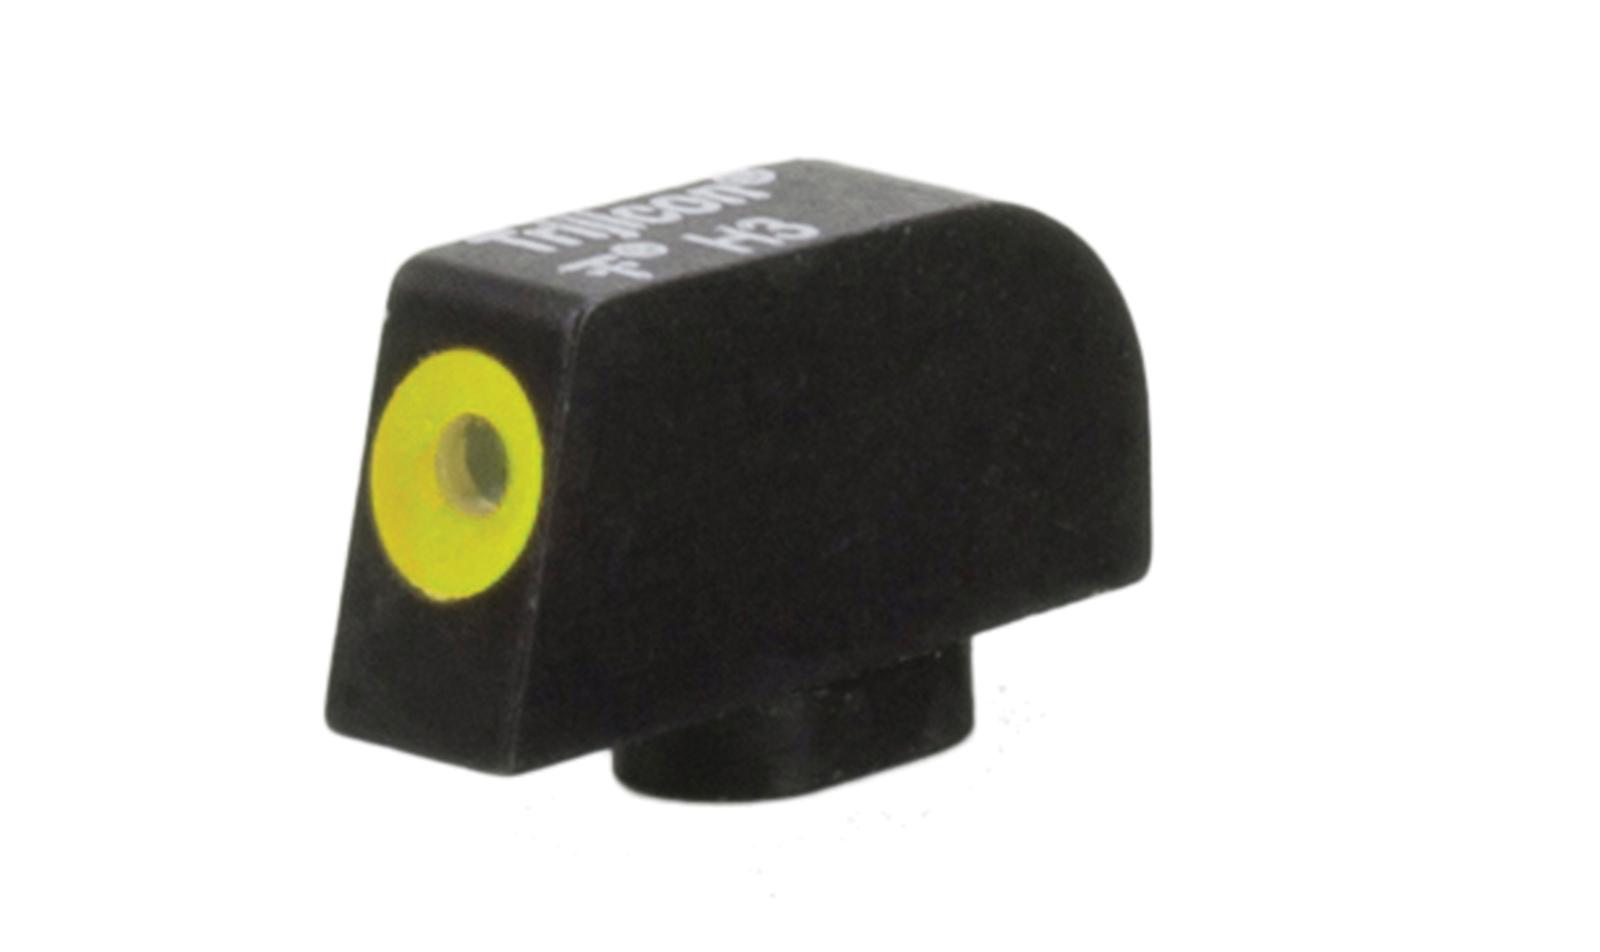 GL613-C-600847 angle 1